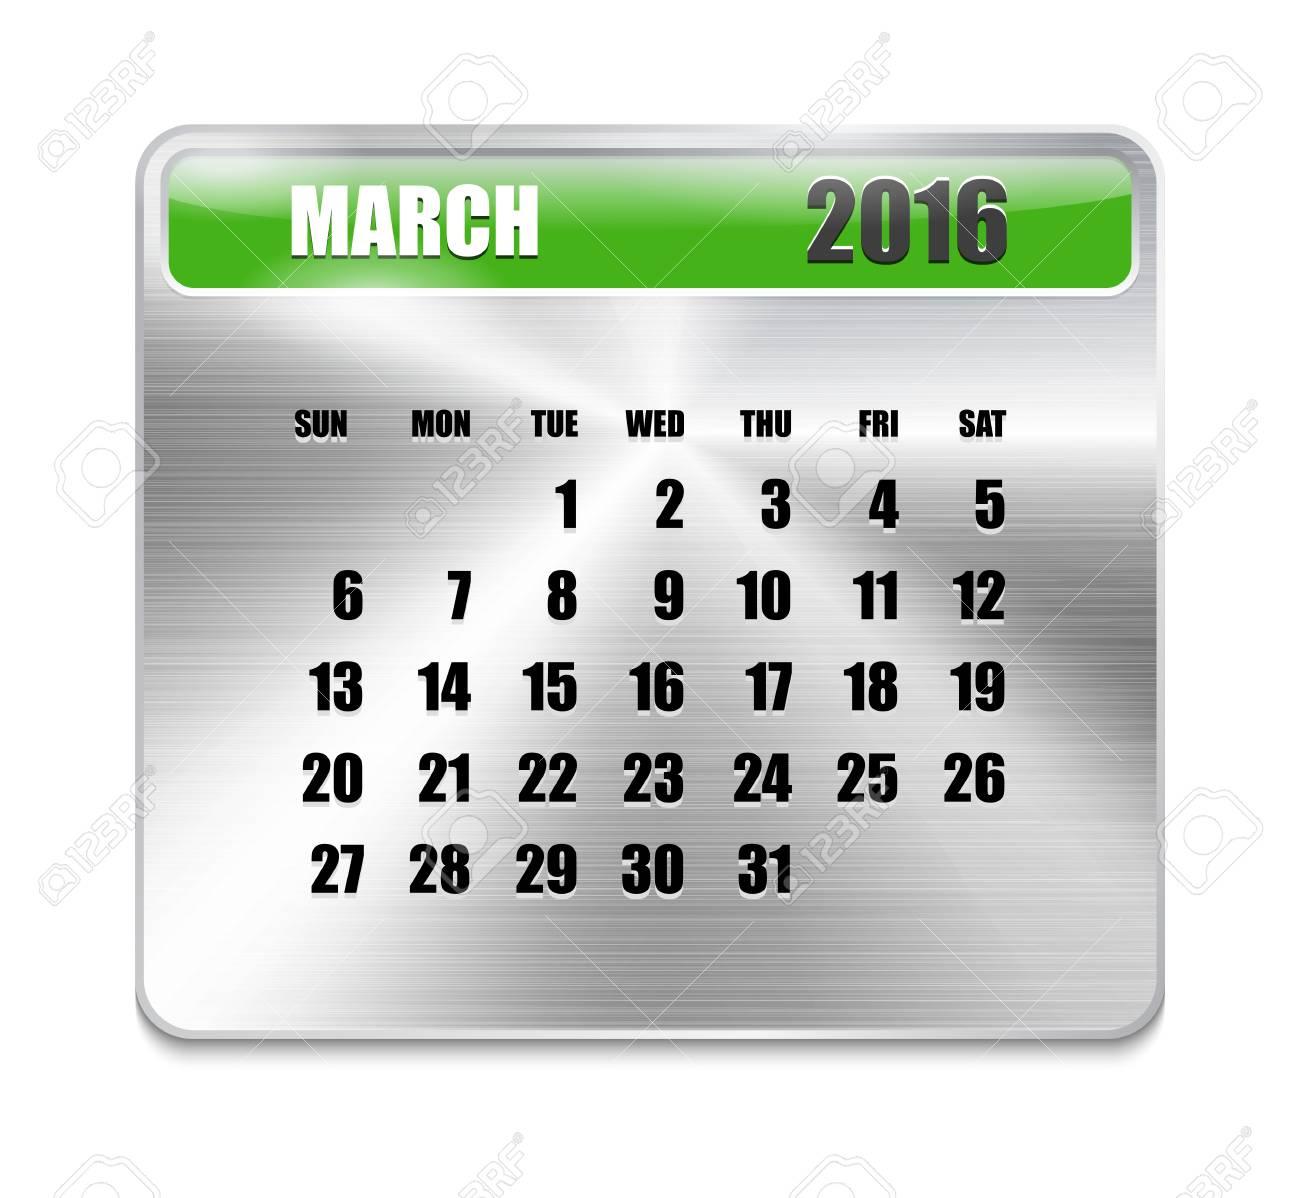 Calendario Per Sito Web.Calendario Mensile Per Marzo 2016 Su Lastra Metallica Vacanze Arancioni Puo Essere Utilizzato Per Calendari Aziendali E Per Ufficio Progettazione